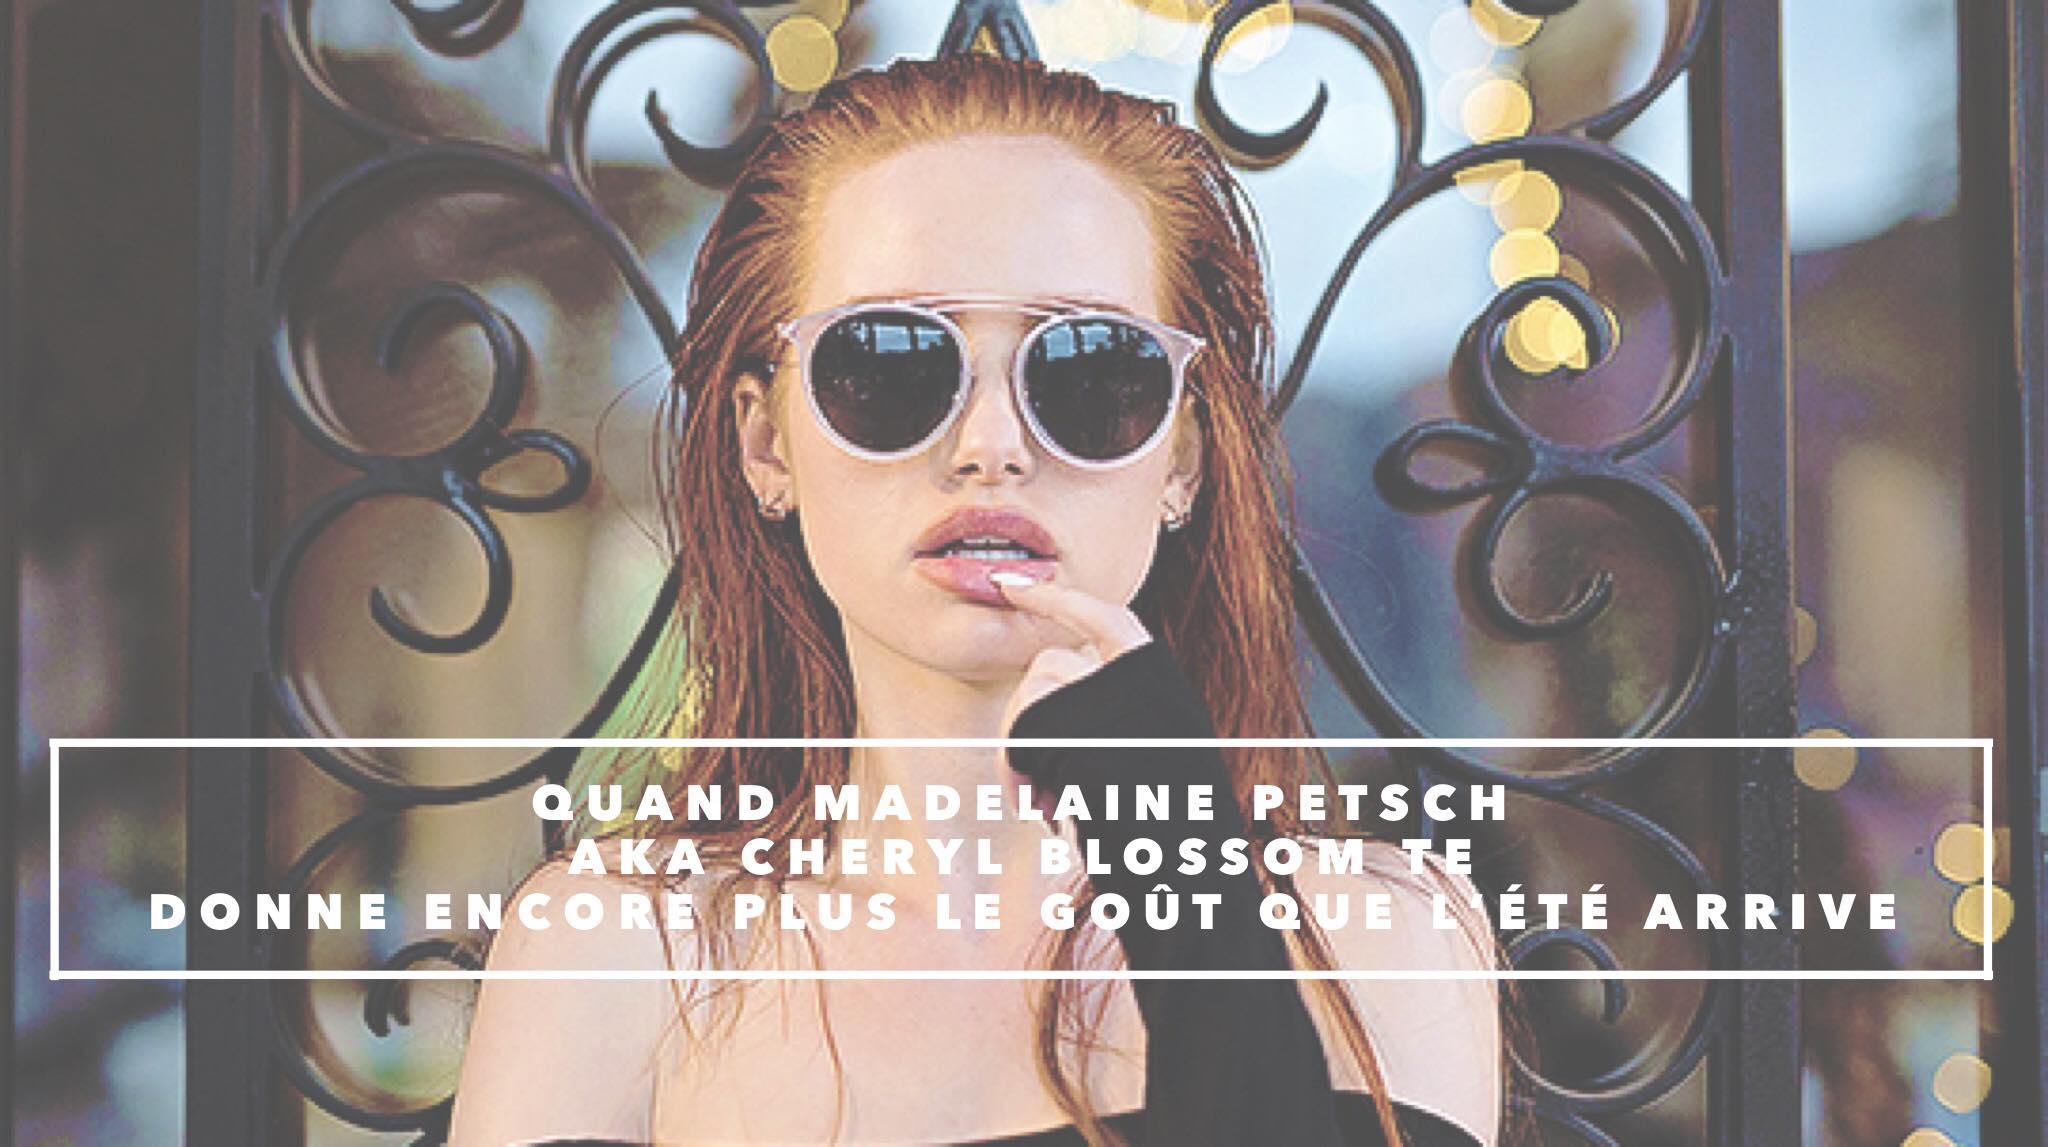 Des lunettes de soleil Privé Revaux très hot.